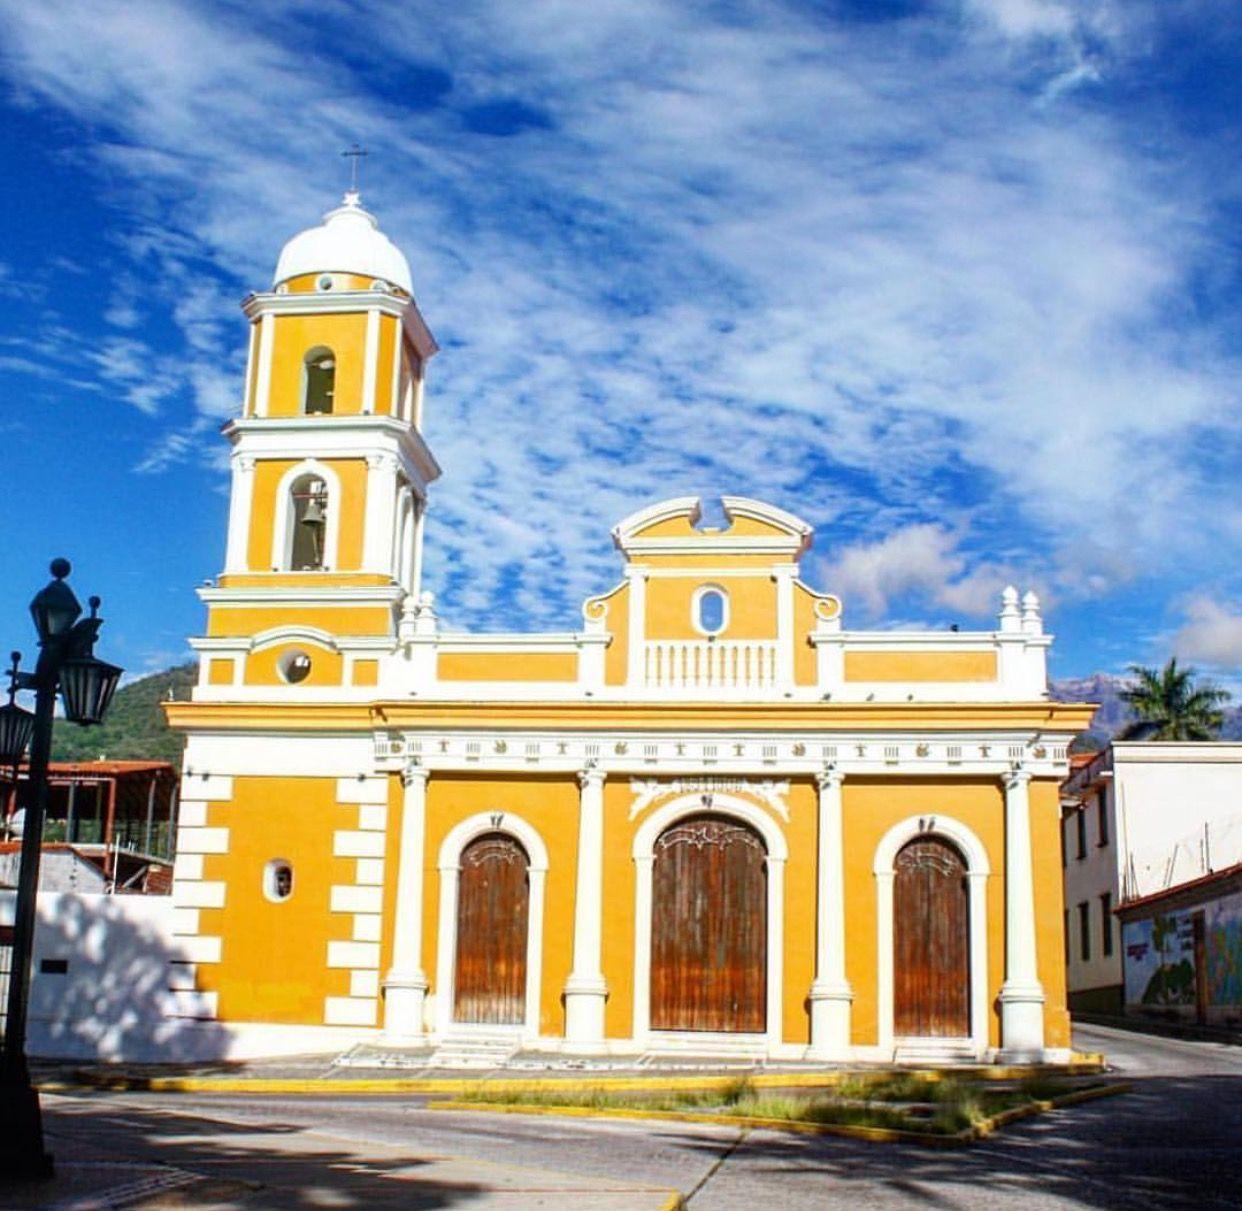 Iglesia Dan Bautista de Mila Mérida Venezuela